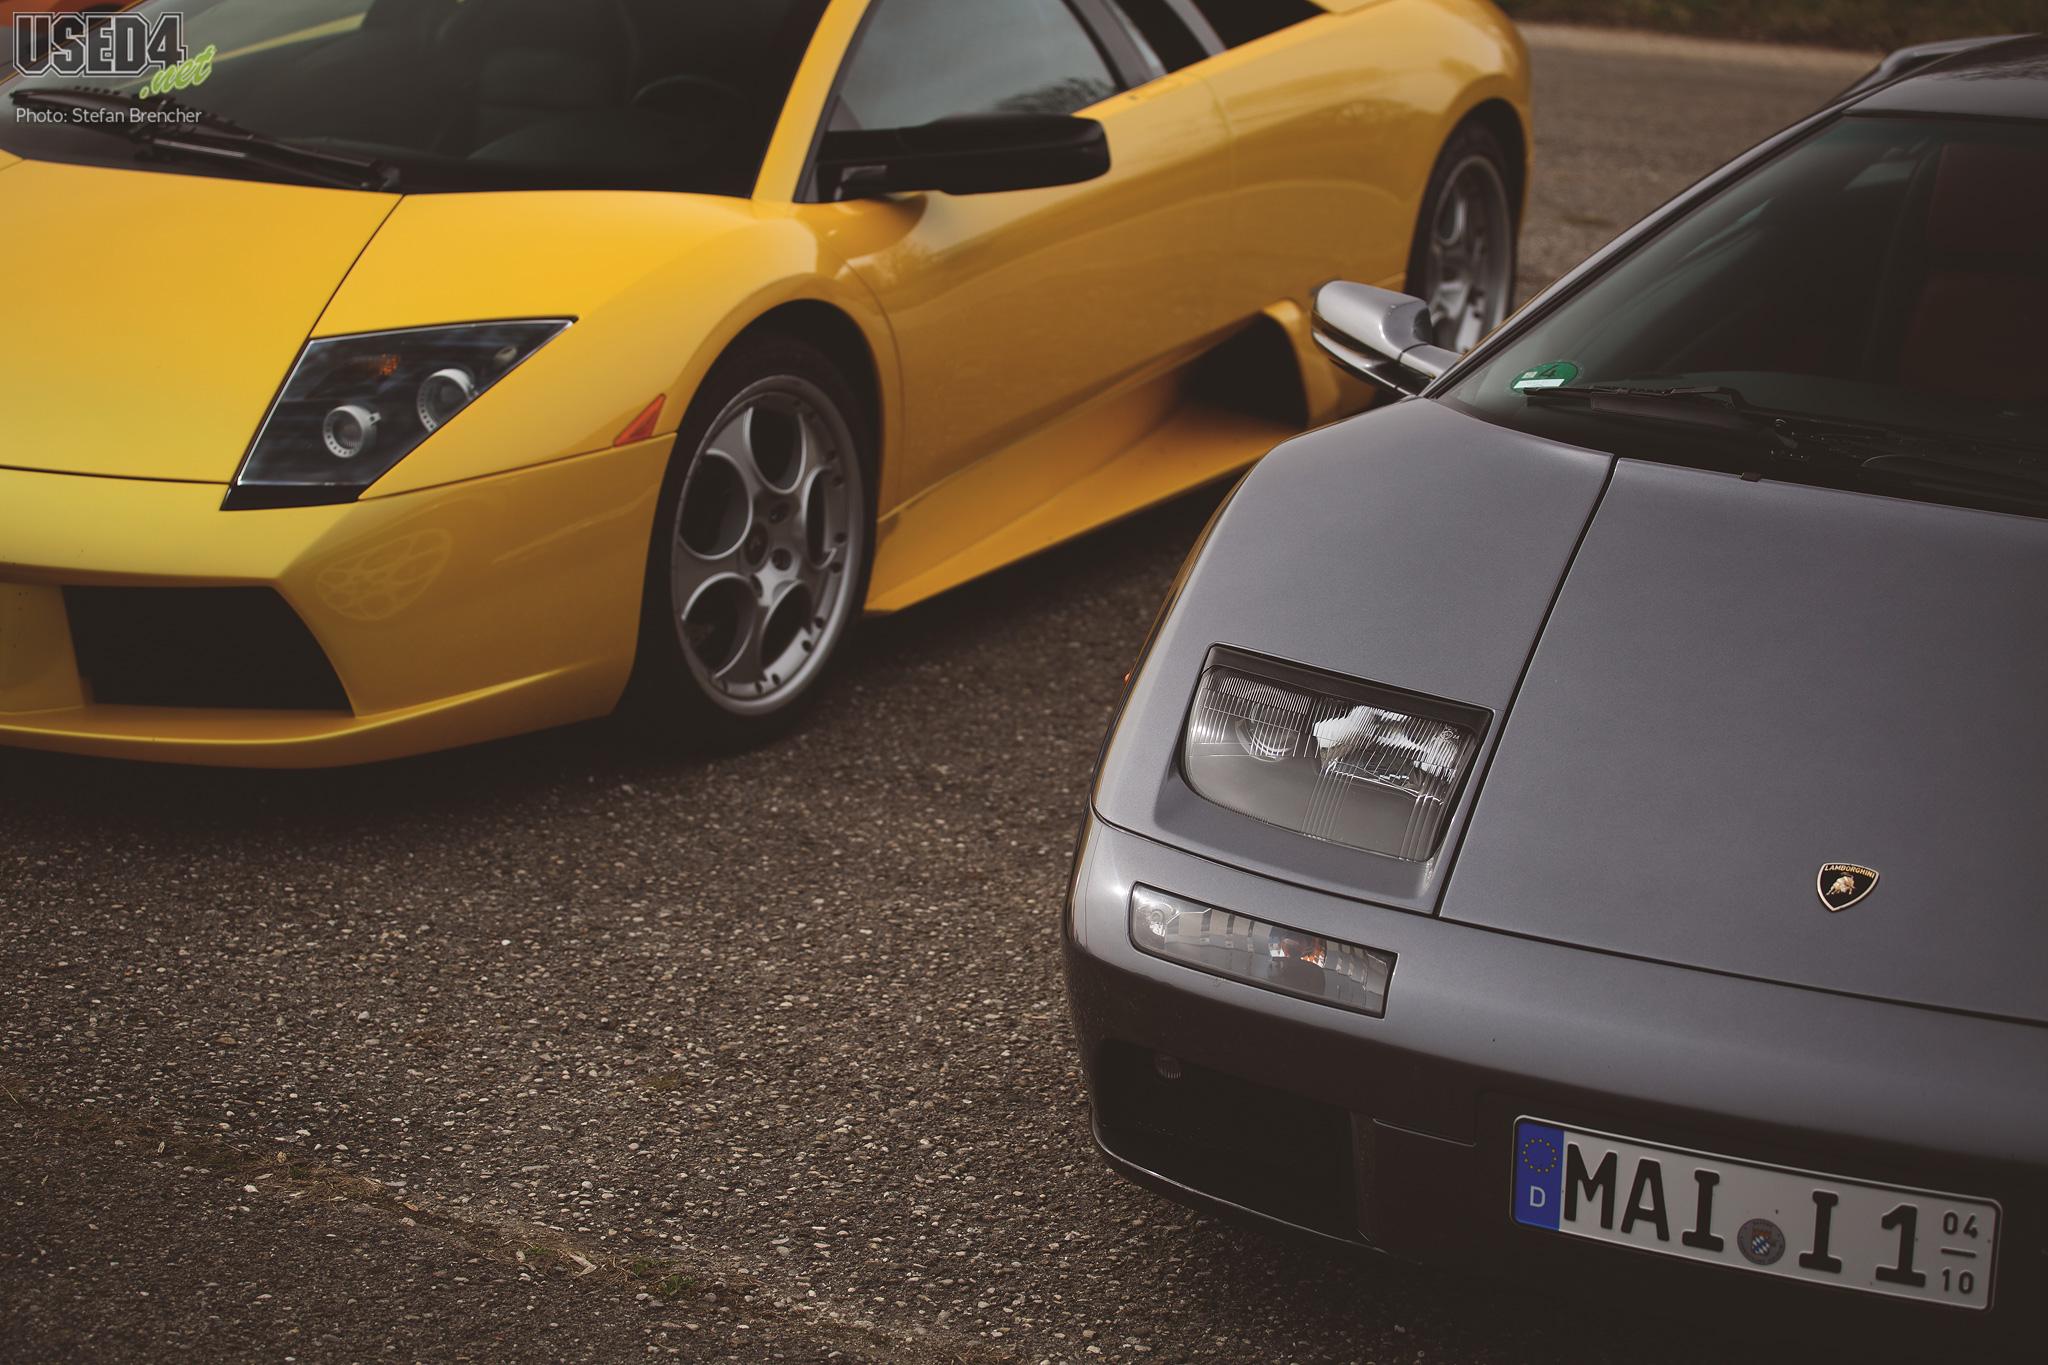 Bild-2web Extraordinary Lamborghini Countach Schwer Zu Fahren Cars Trend